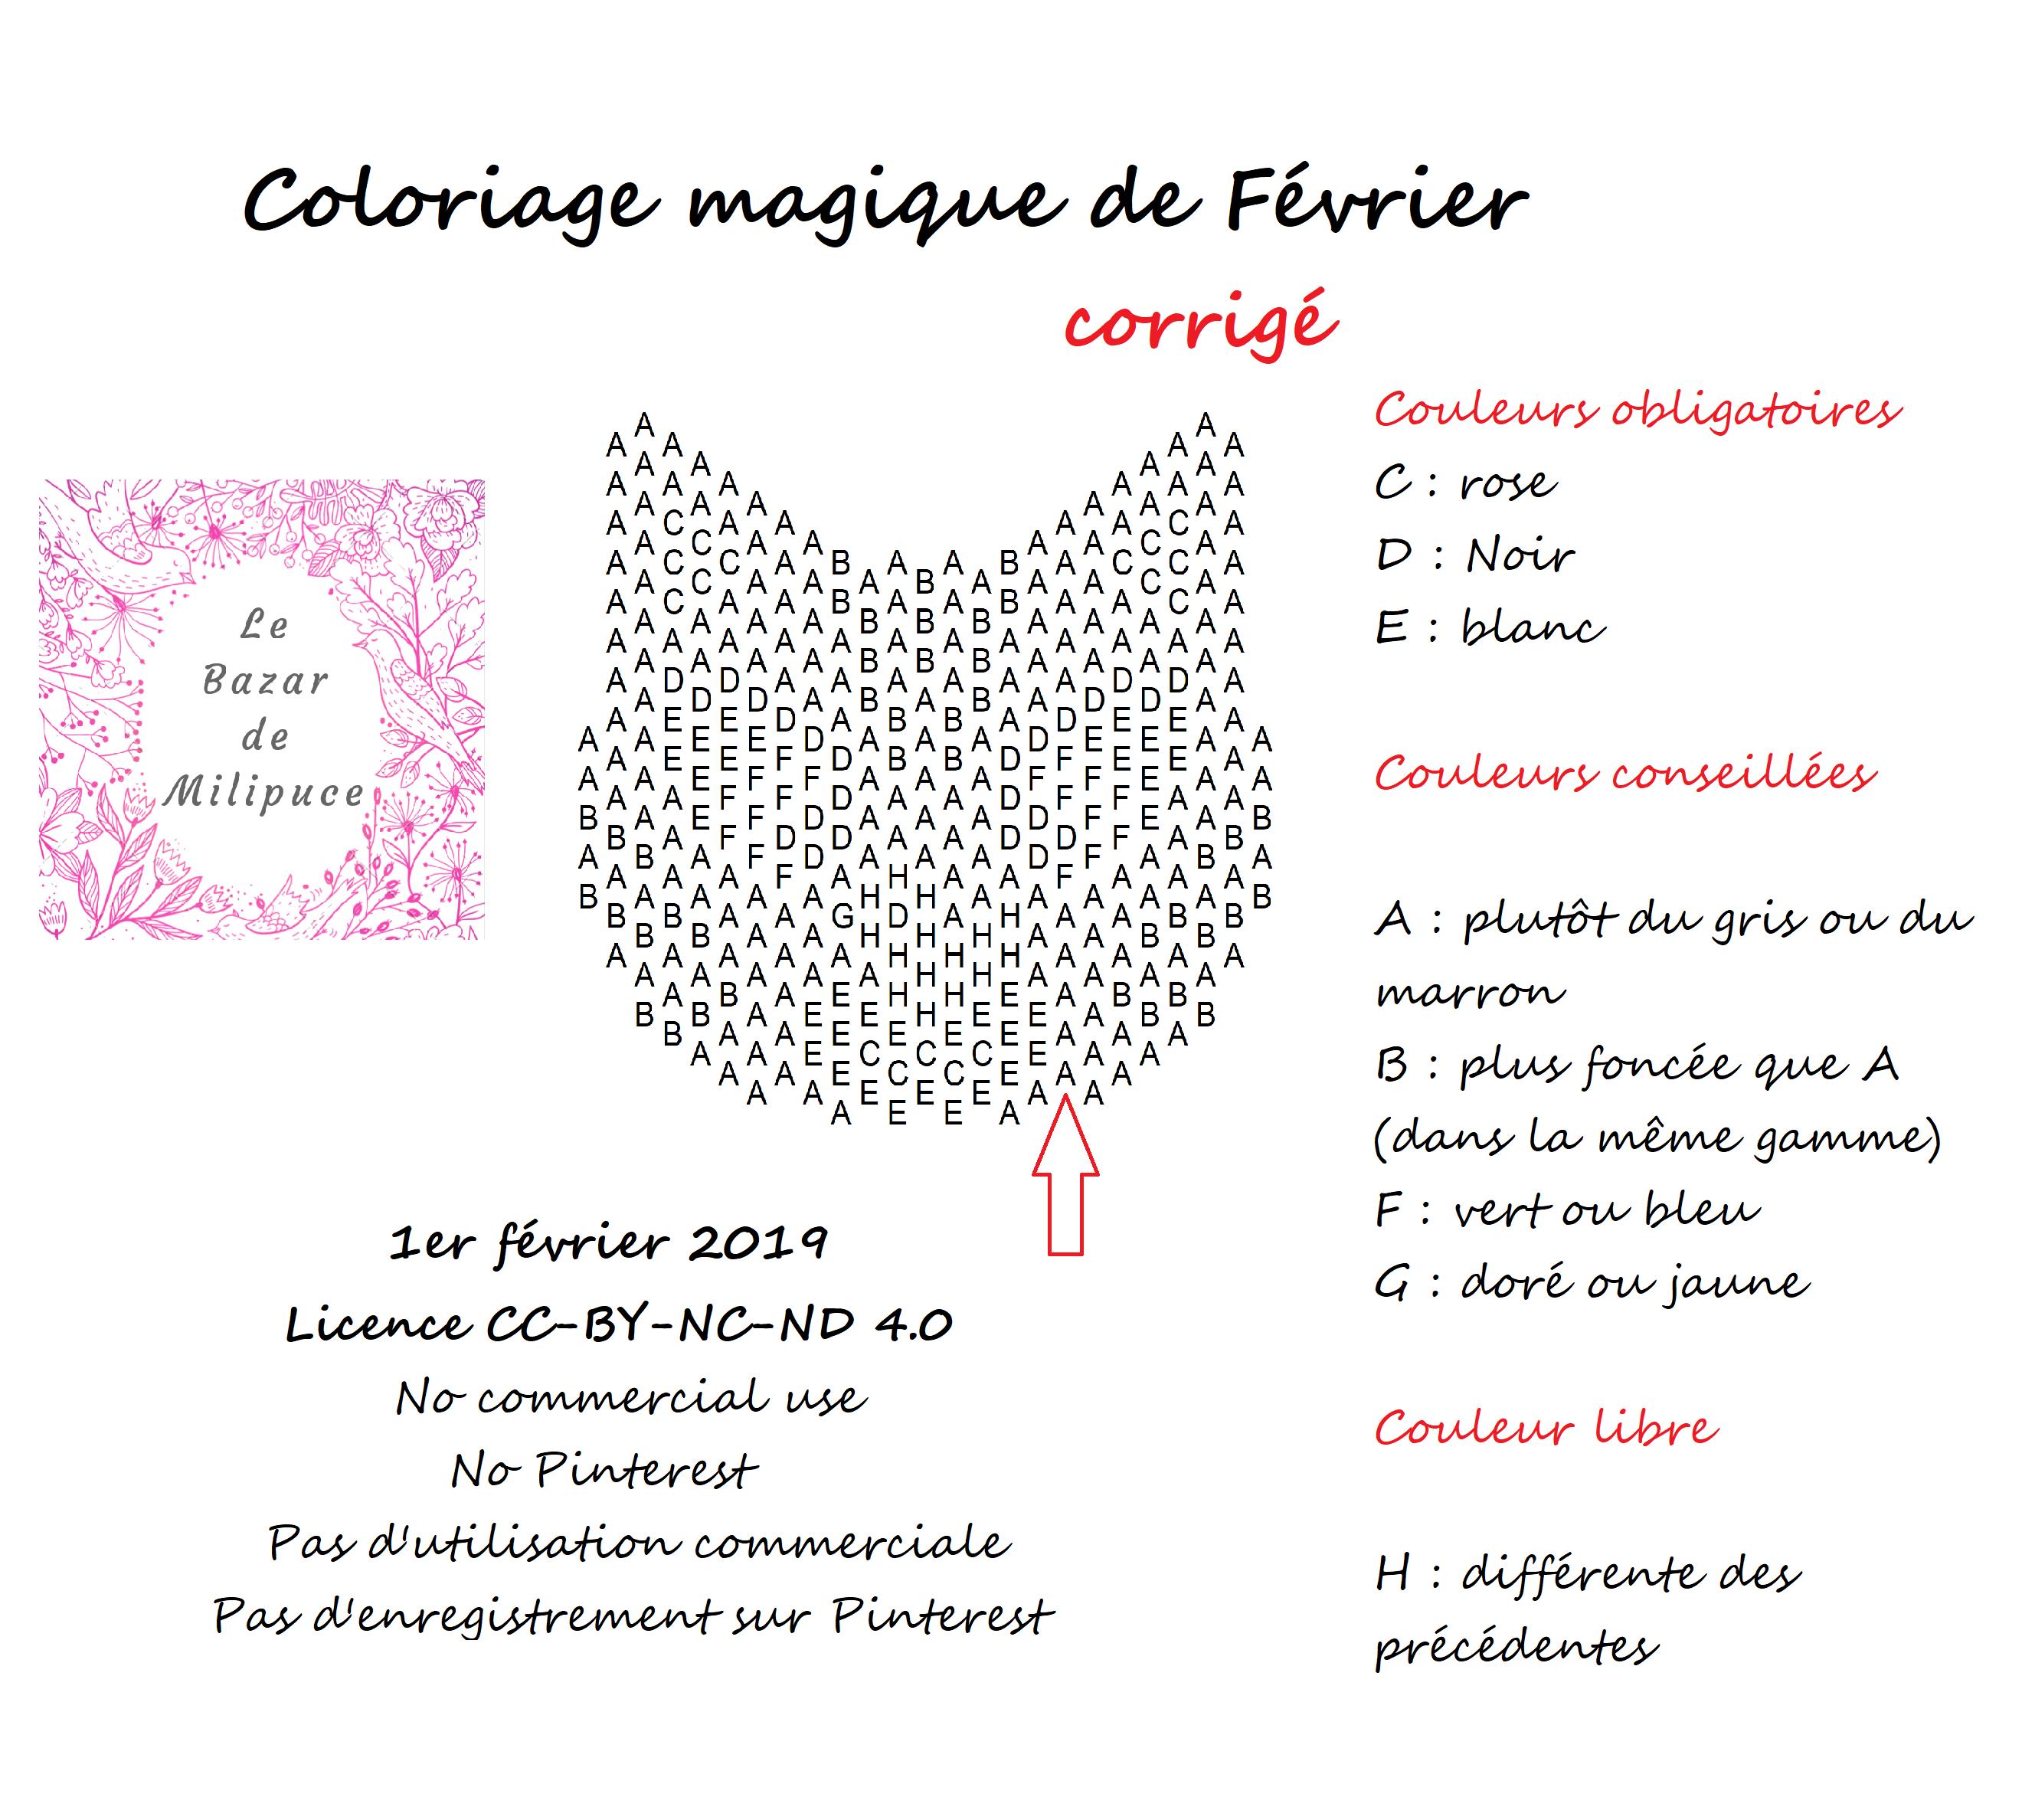 coloriage magique de février le bazar de milipuce rectification